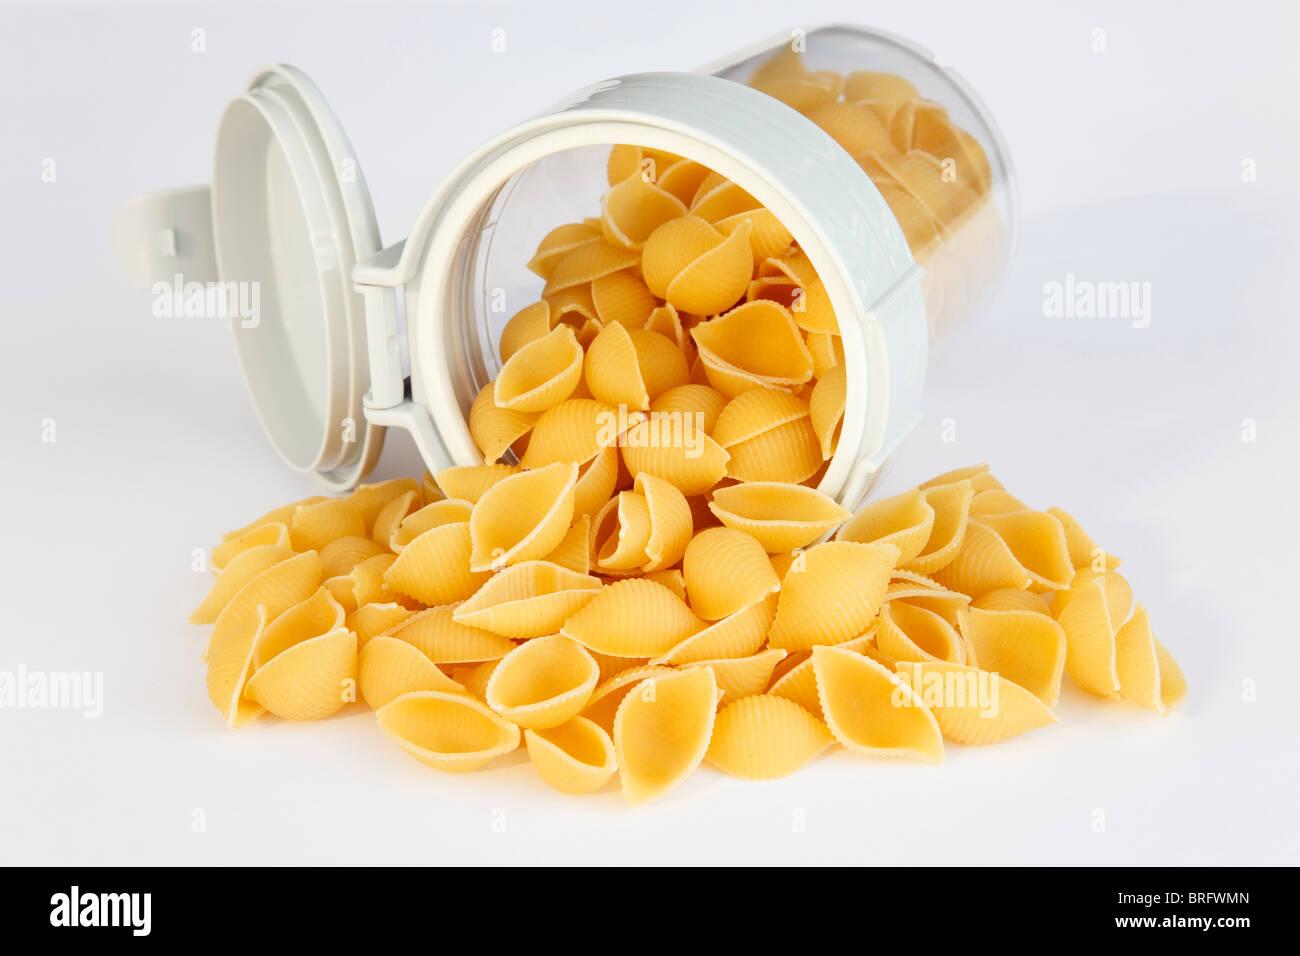 Tas de coquilles de pâtes Conchiglie crus s'échappant d'une matière plastique contenant de Photo Stock